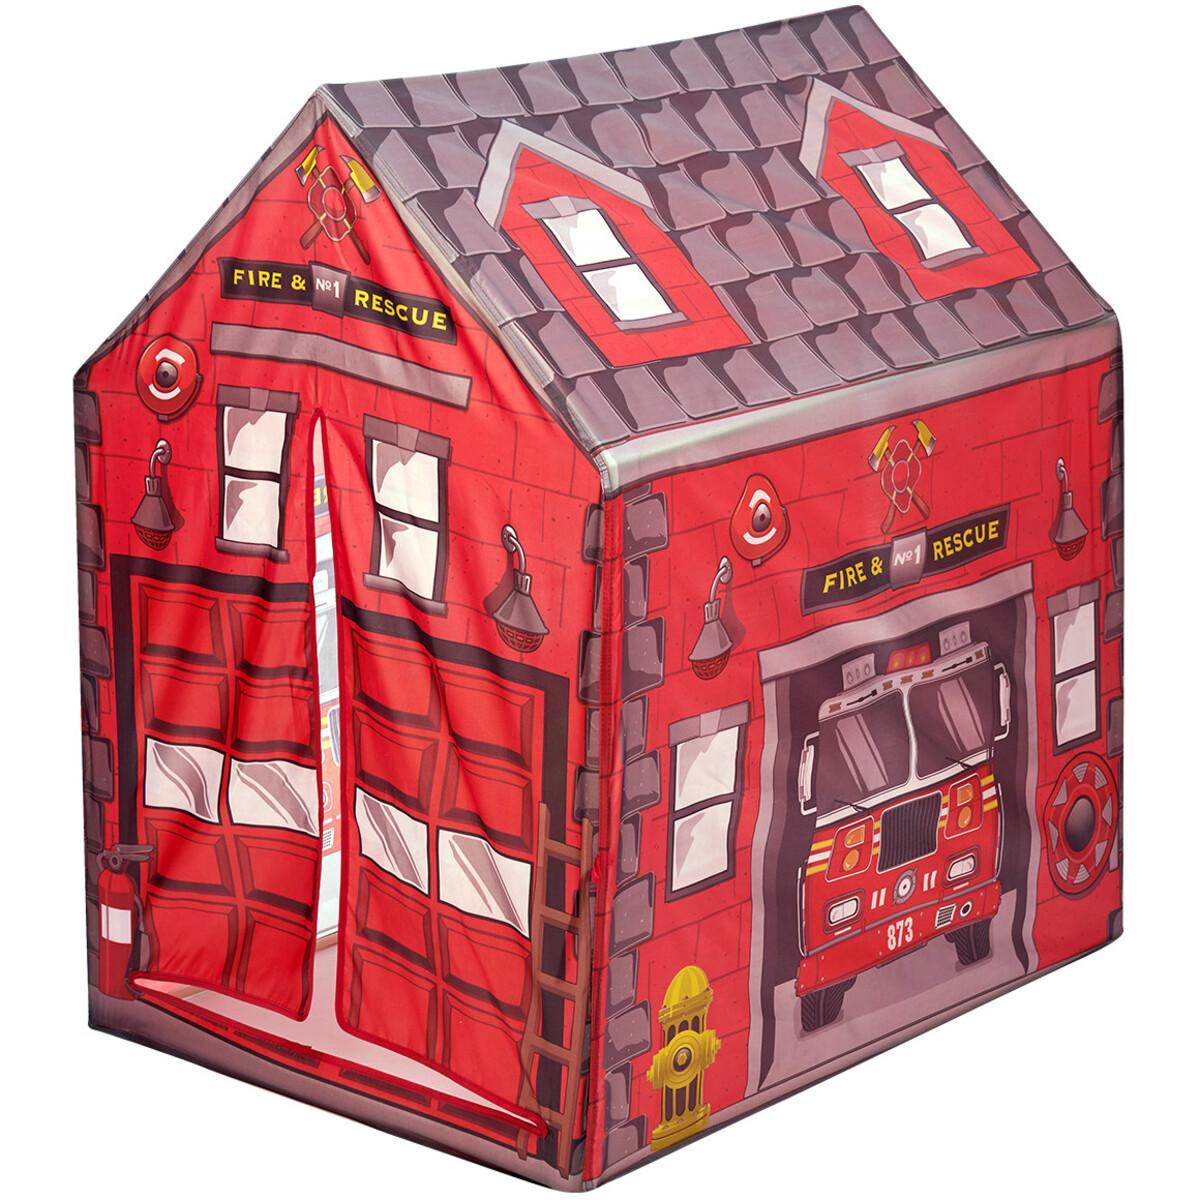 Bild 1 von Kinderspielzelt im Feuerwehr-Dessin